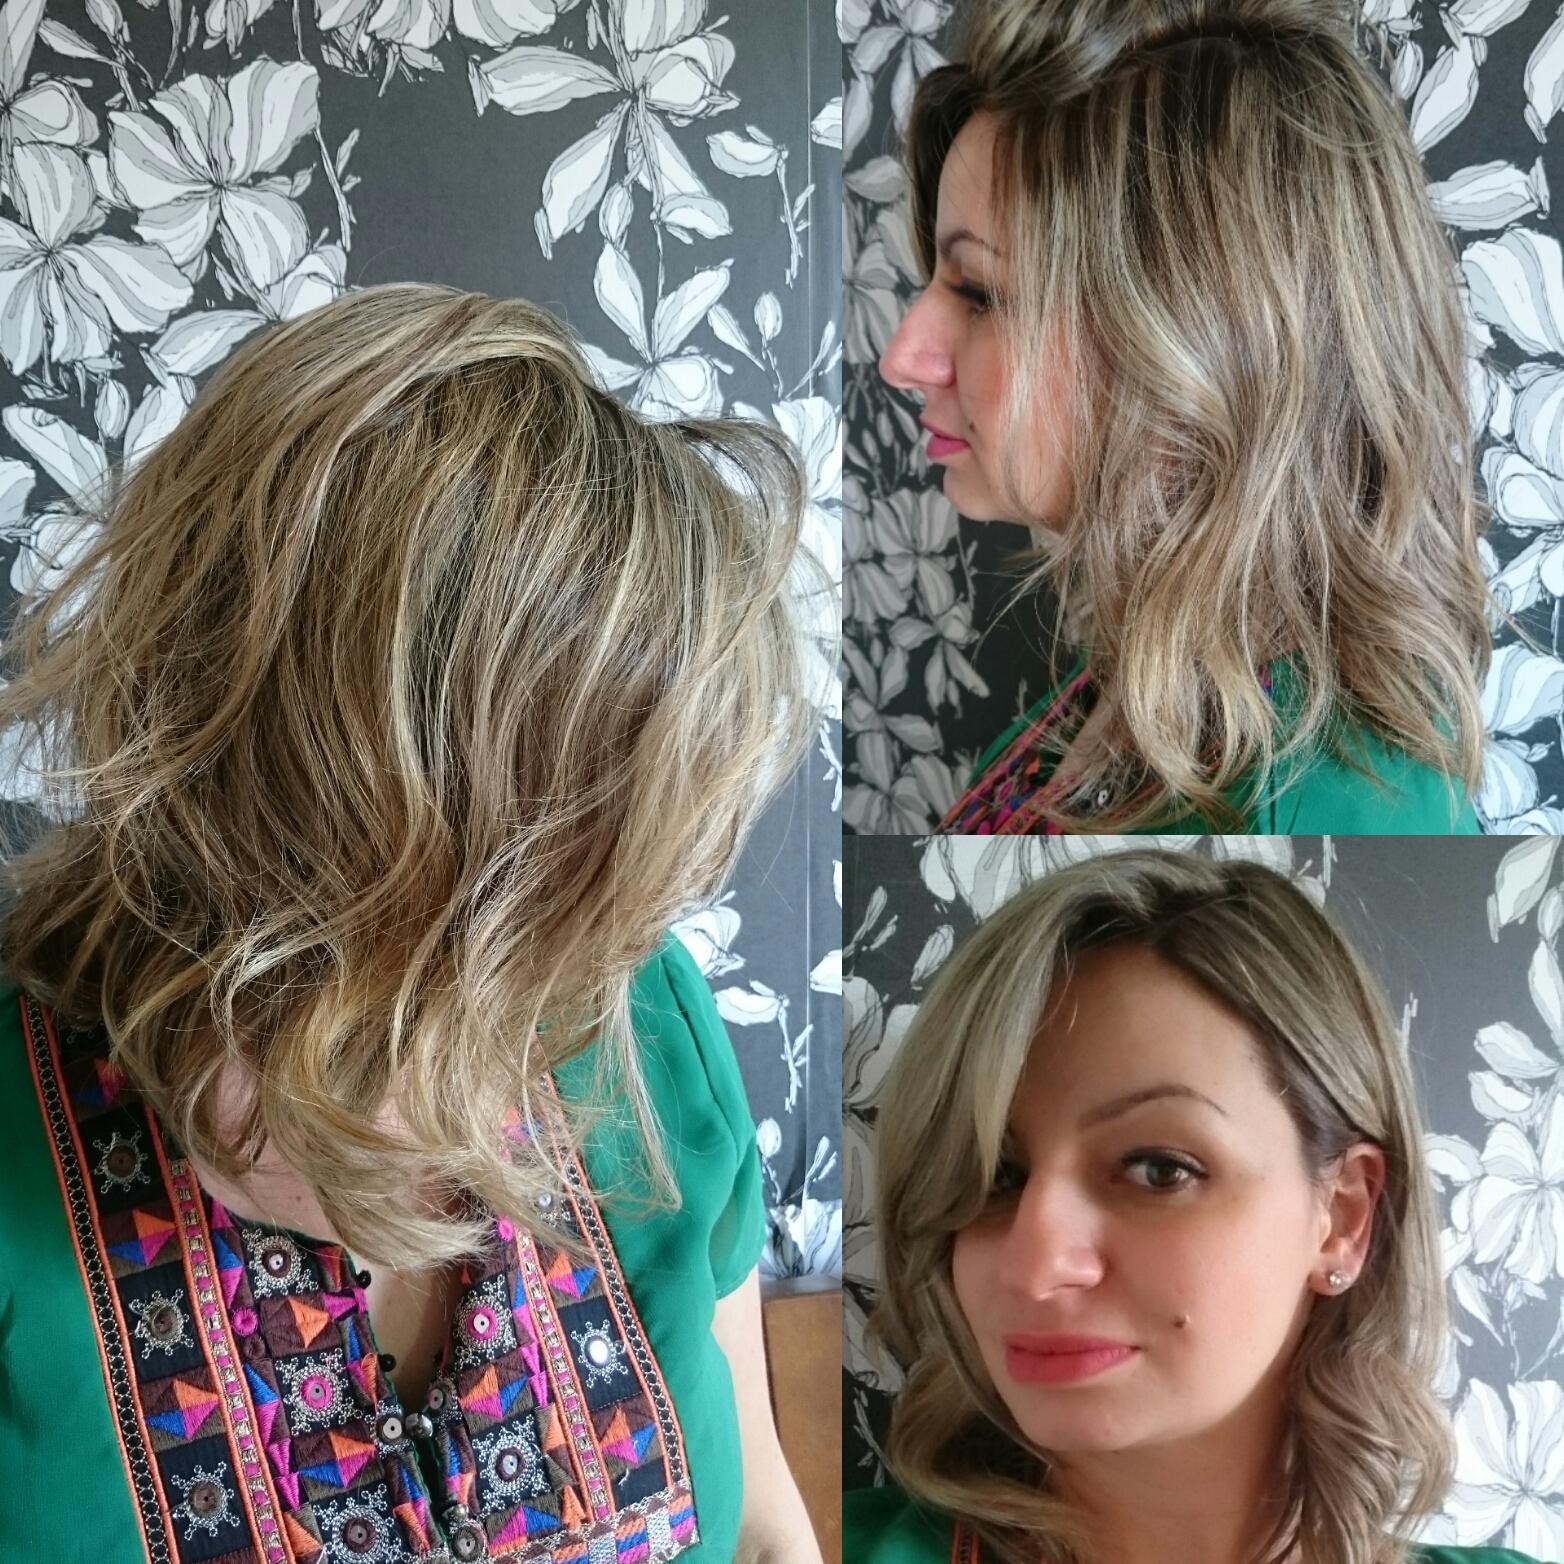 #morenailuminada #luzes #ombrehair #ombrehighlights #canelatostada #blonde #hair #loirodossonhos #job #transformation #transformacao #cabelos #cabelosloiros  #loirossaudaveis #loirosdivos #loirosdourados #loirosamanteigados #loirosperolados #loirosplatinados #pinup #haircut #longbob cabelo cabeleireiro(a) maquiador(a) designer de sobrancelhas